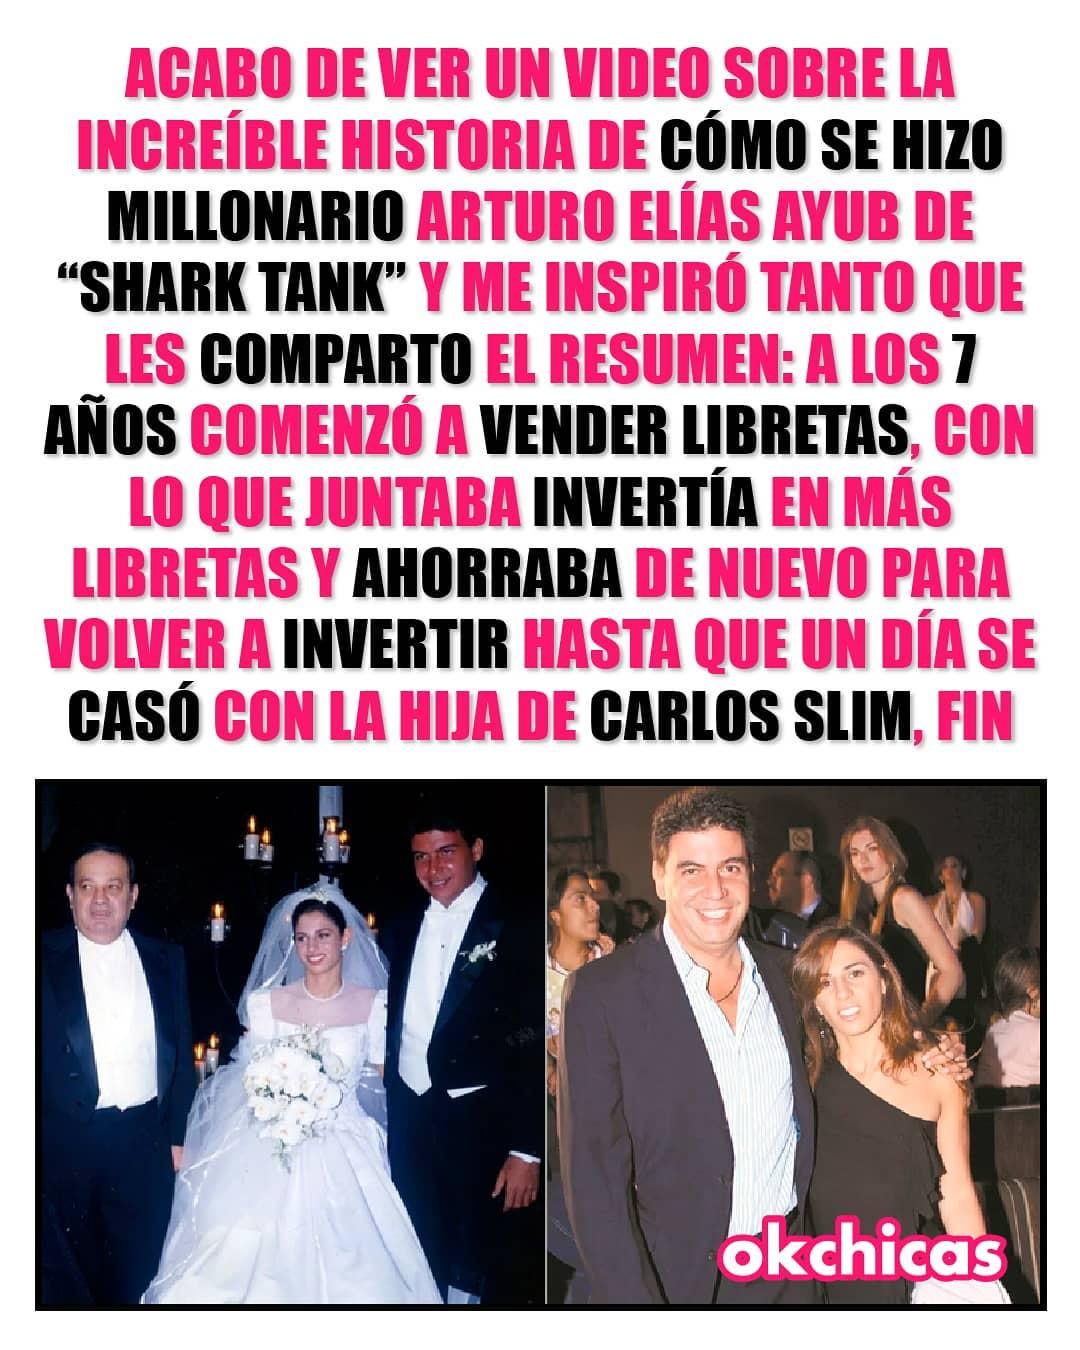 """Acabo de un video sobre la increíble historia de como se hizo millonario Arturo Elías Ayub de """"Shark Tank"""" y me inspiro tanto que les comparto el resumen: a los 7 años comenzó a vender libretas, con lo que juntaba invertía en más libretas y ahorraba de nuevo para volver a invertir hasta que un dia se caso con la hija de Carlos Slim, fin."""